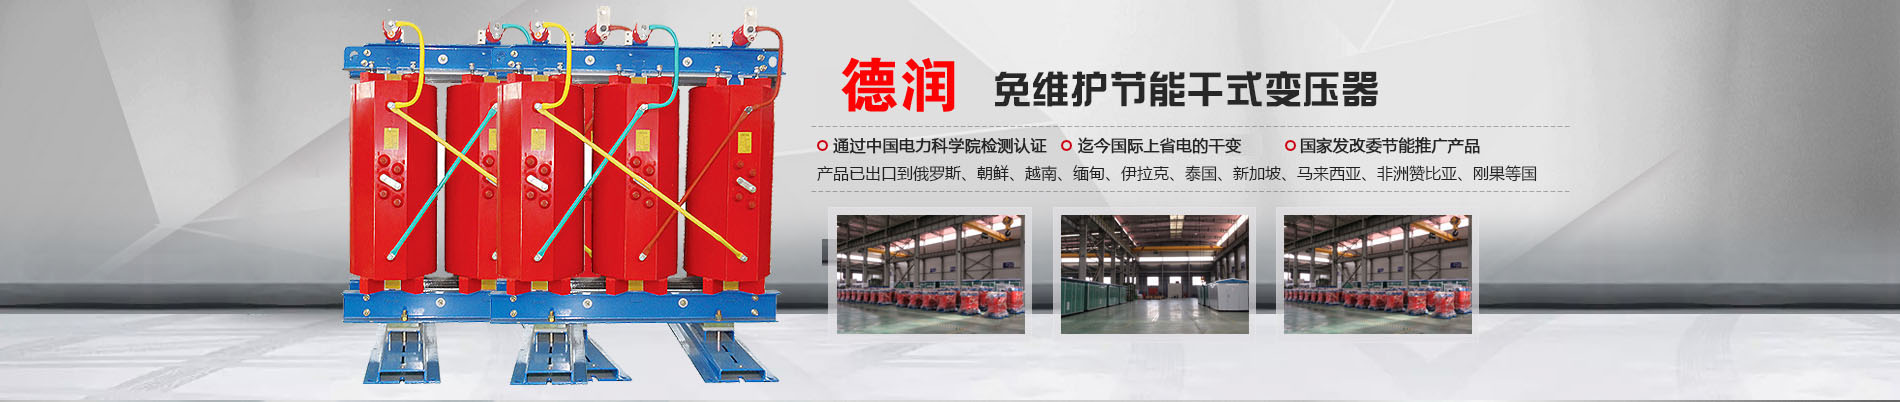 晋城干式变压器厂家